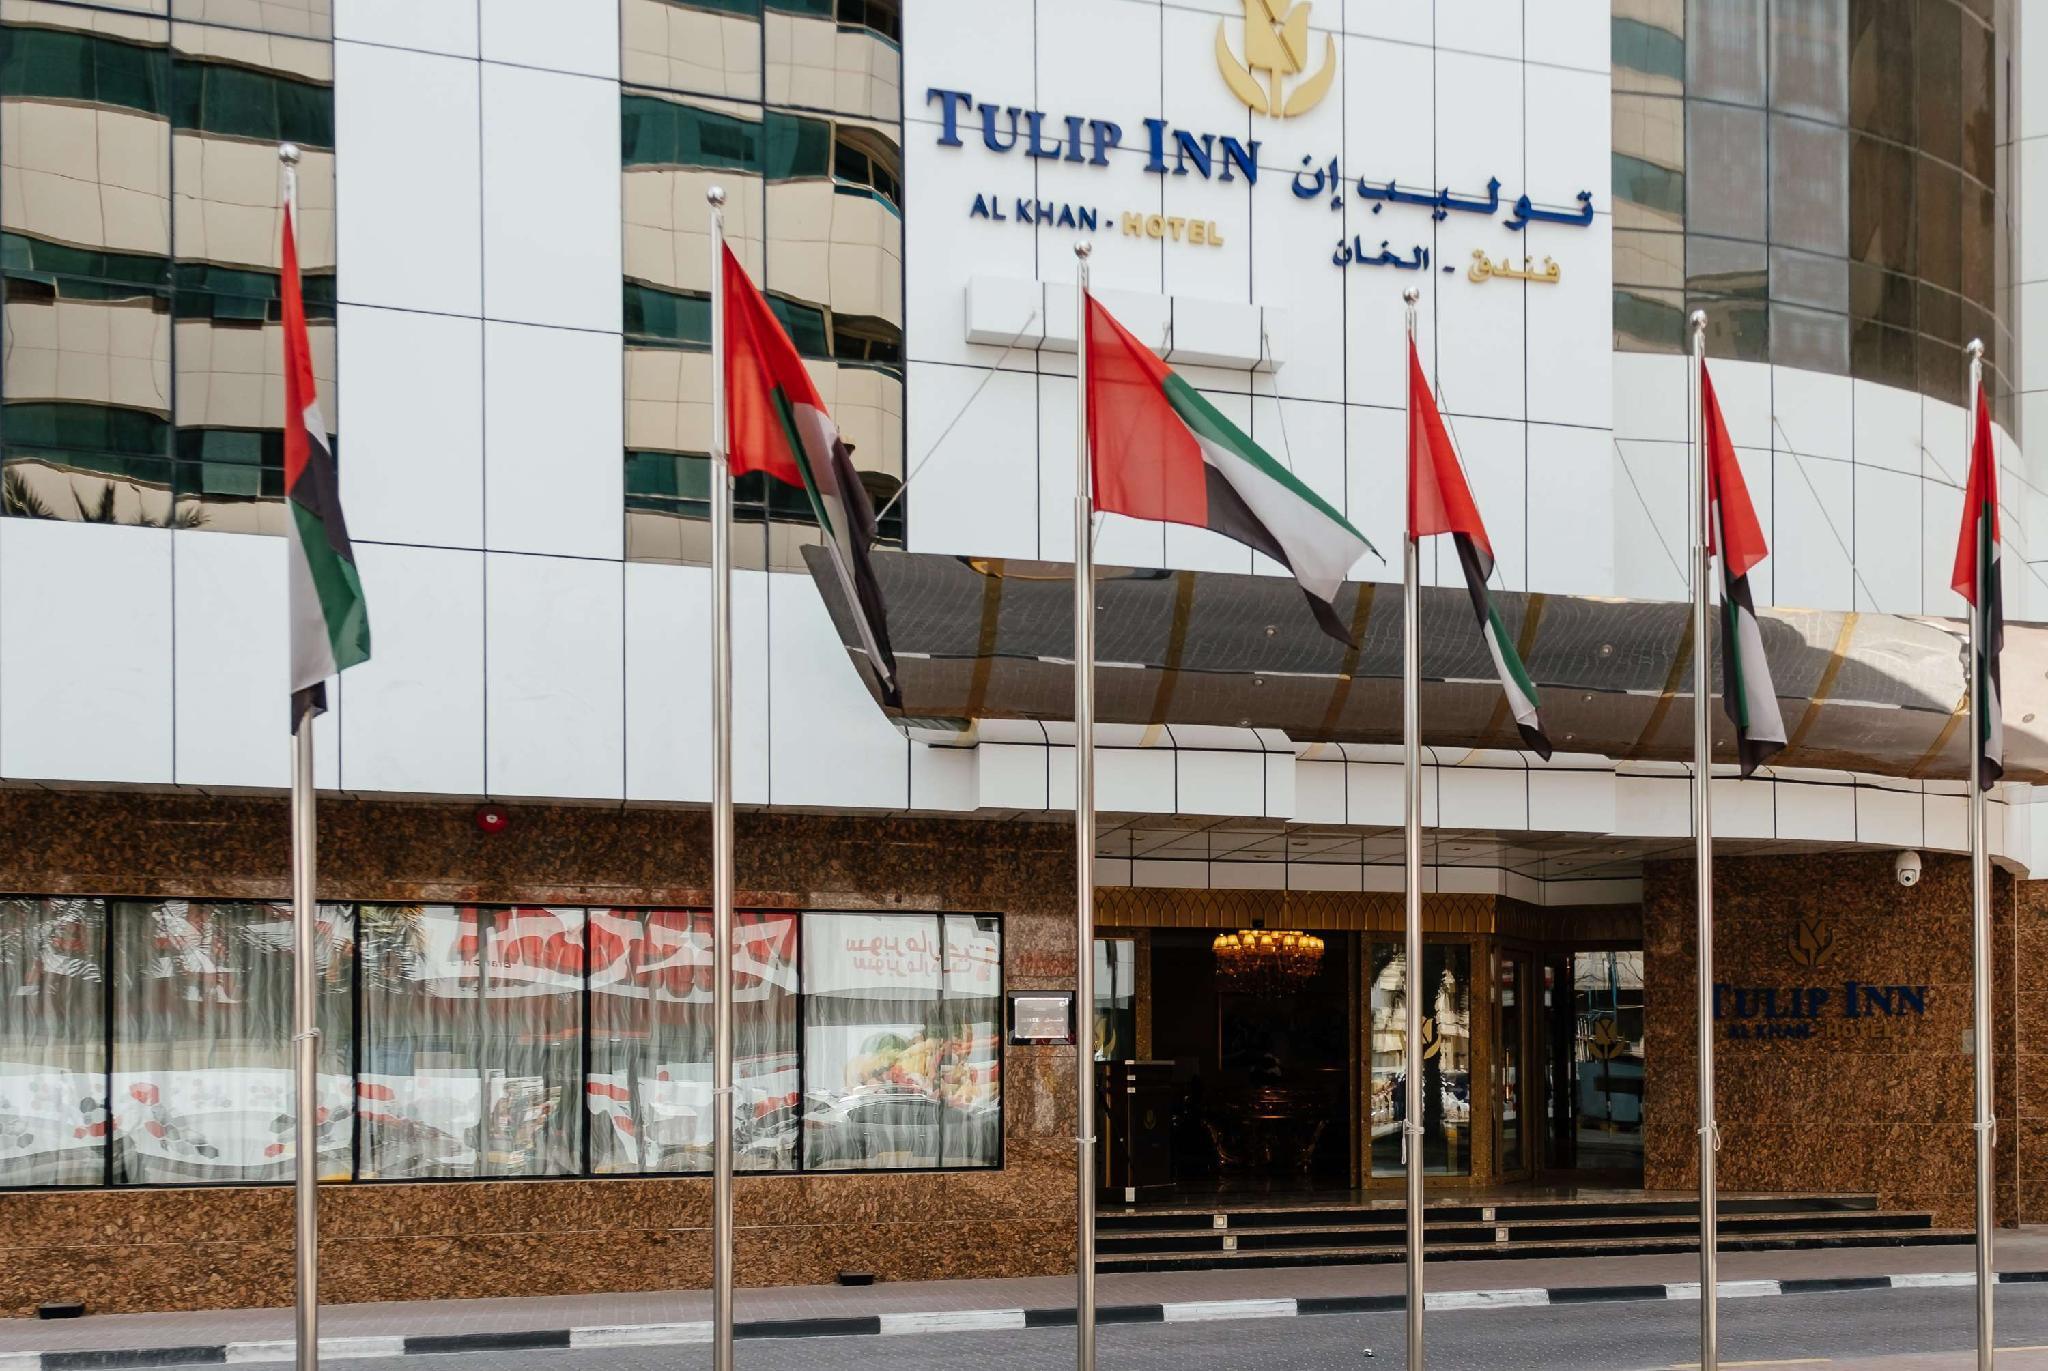 Tulip Inn Al Khan